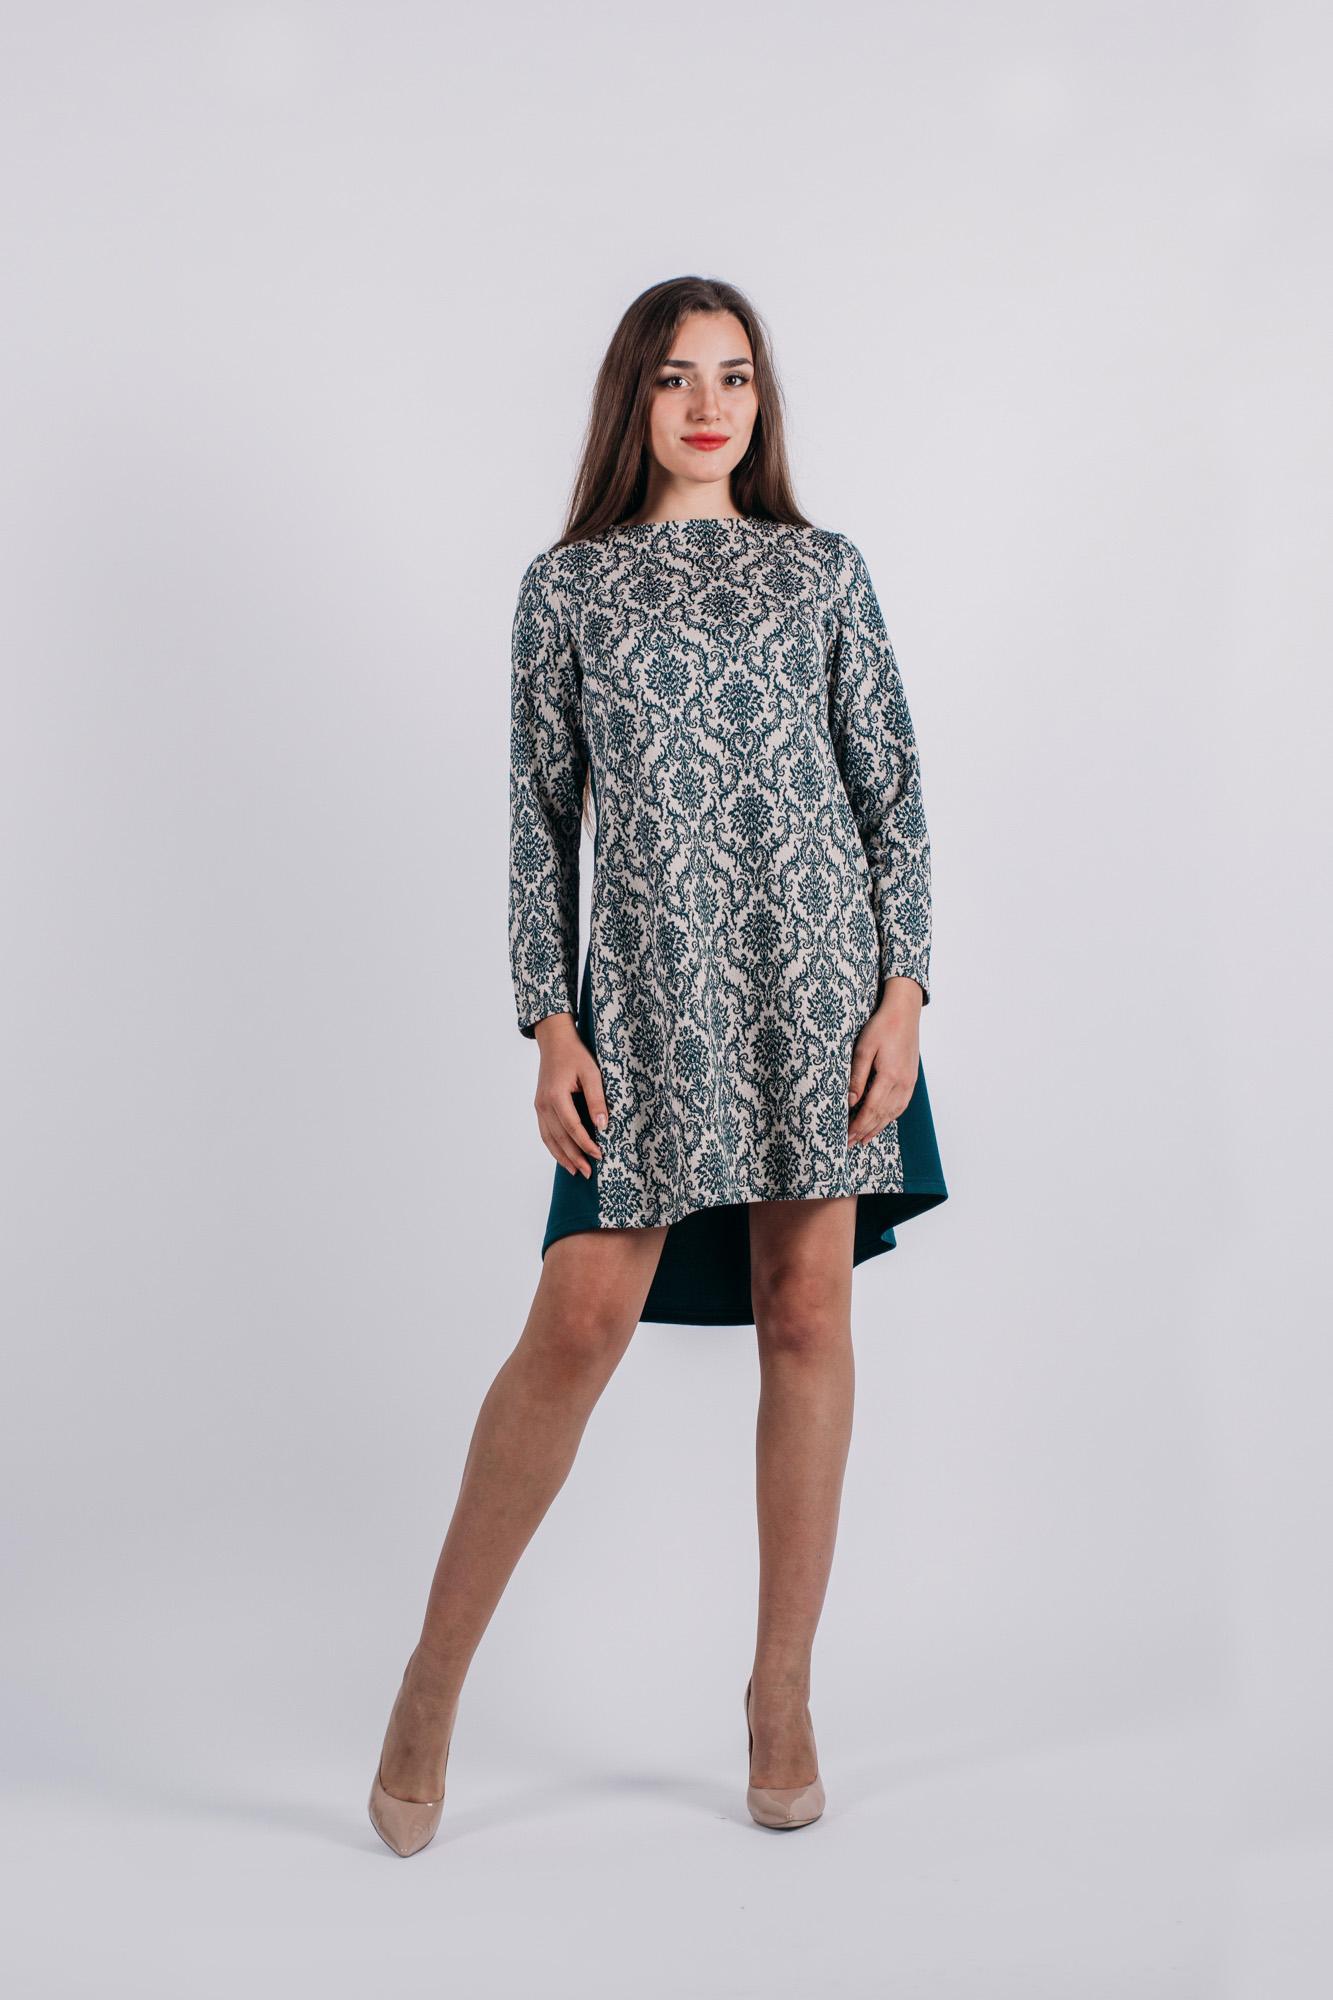 Платье736Стильное платье Lautus, выполненное из высококачественного материала, приятное на ощупь, не сковывает движения, обеспечивая наибольший комфорт. Модель свободного с круглым вырезом горловины и длинными рукавами от горловины на спинке застегивается на декоративные пластиковые пуговицы. Это яркое платье станет отличным дополнением к вашему гардеробу!